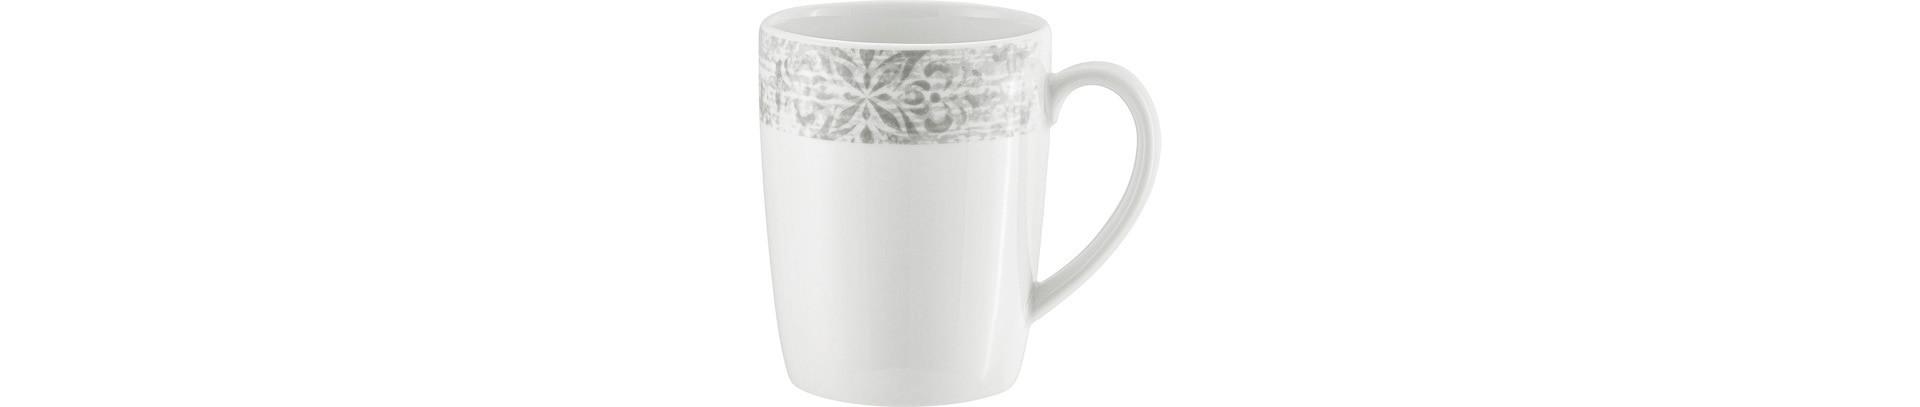 Shabby Chic, Kaffeebecher ø 79 mm / 0,30 l Dekor 2